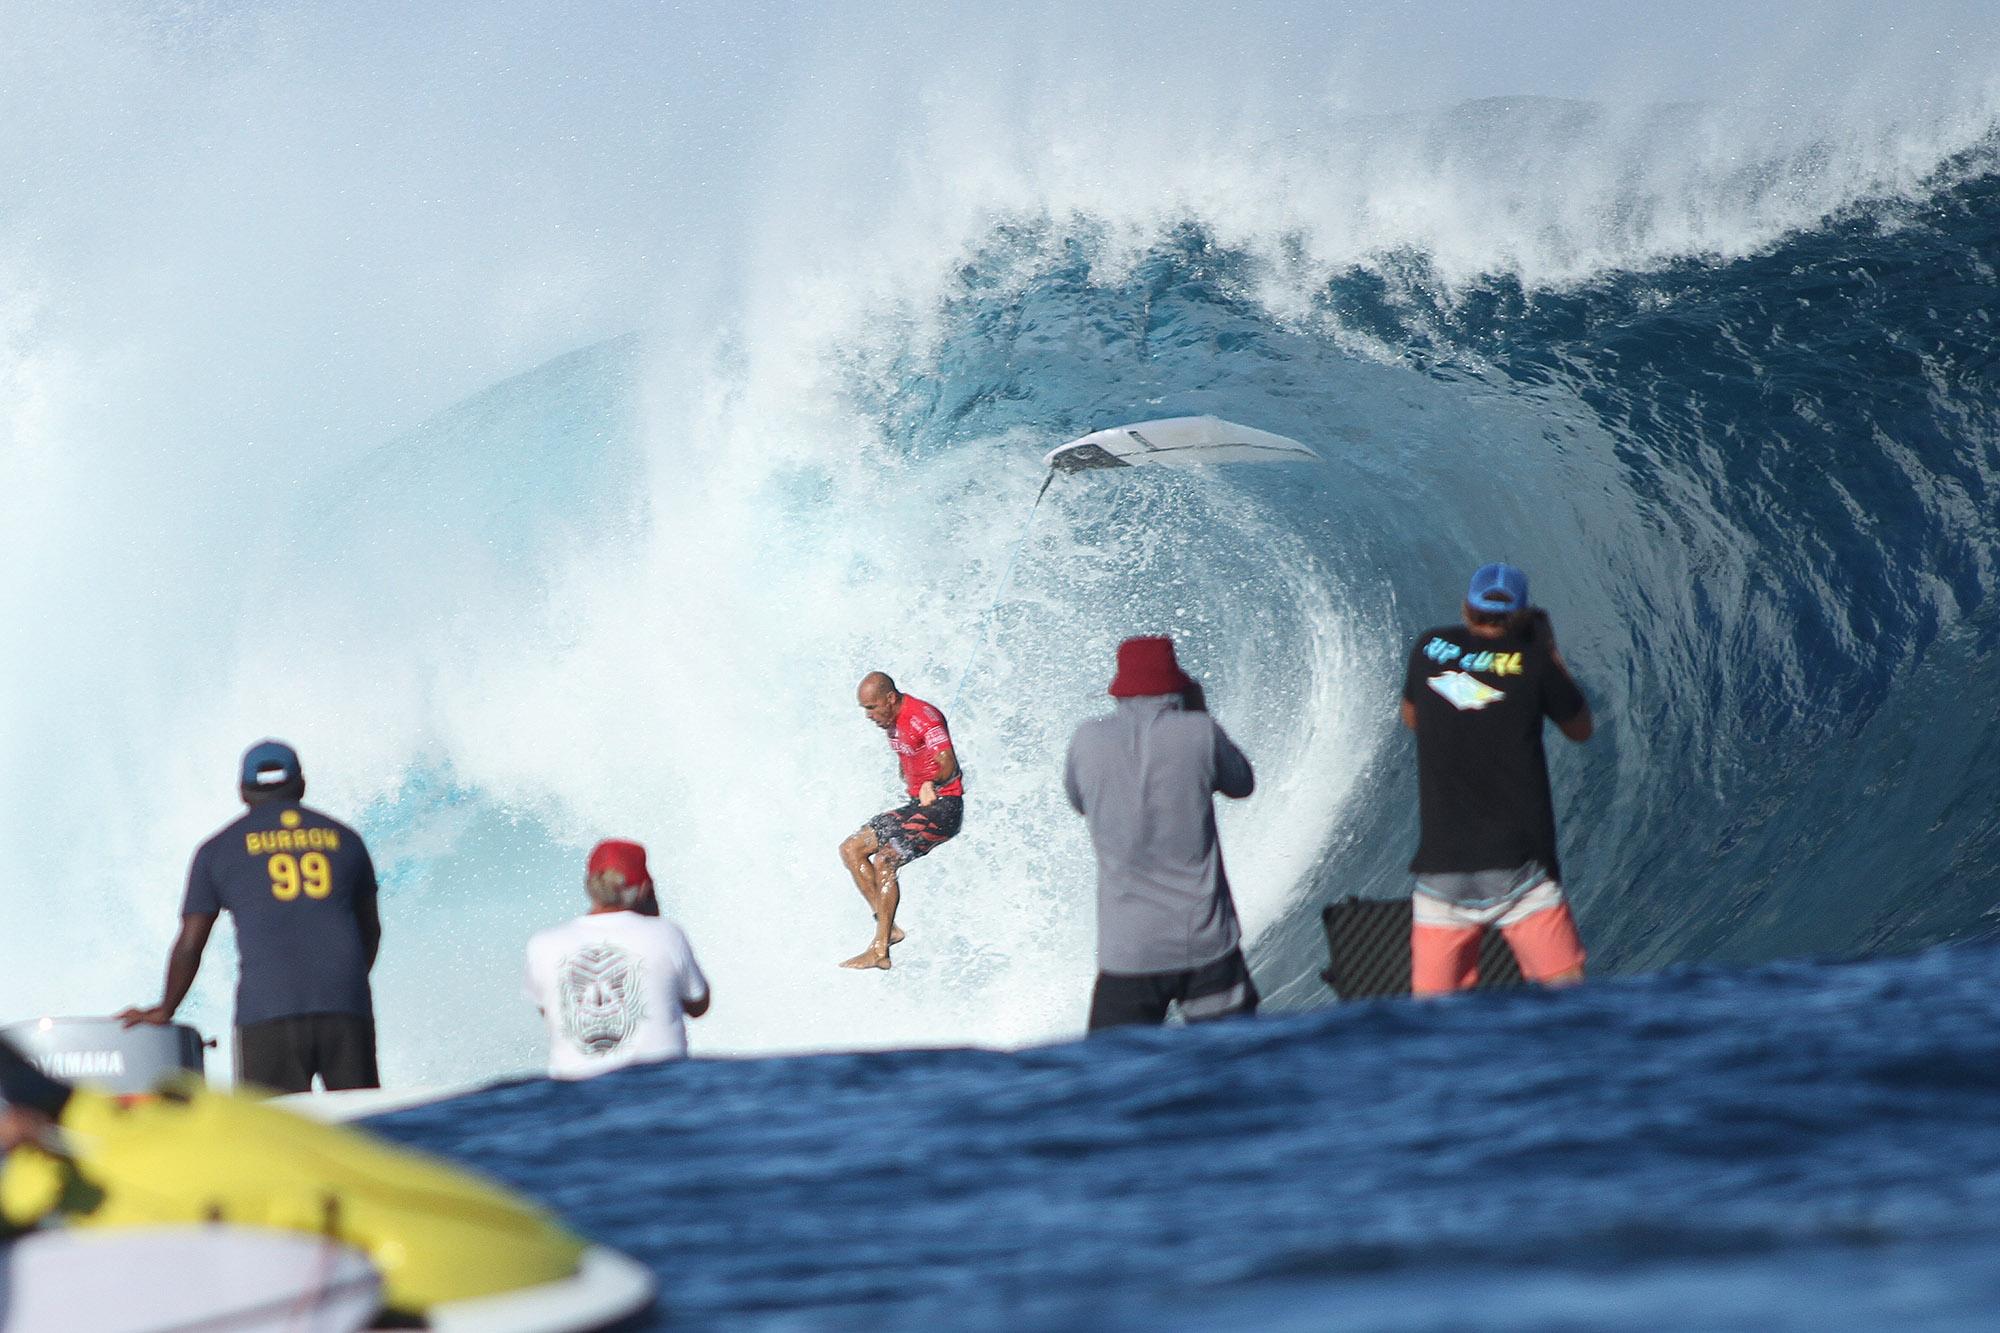 Kelly Slater em Fiji, capturado num caldo pelas lentes de Munir El Hage